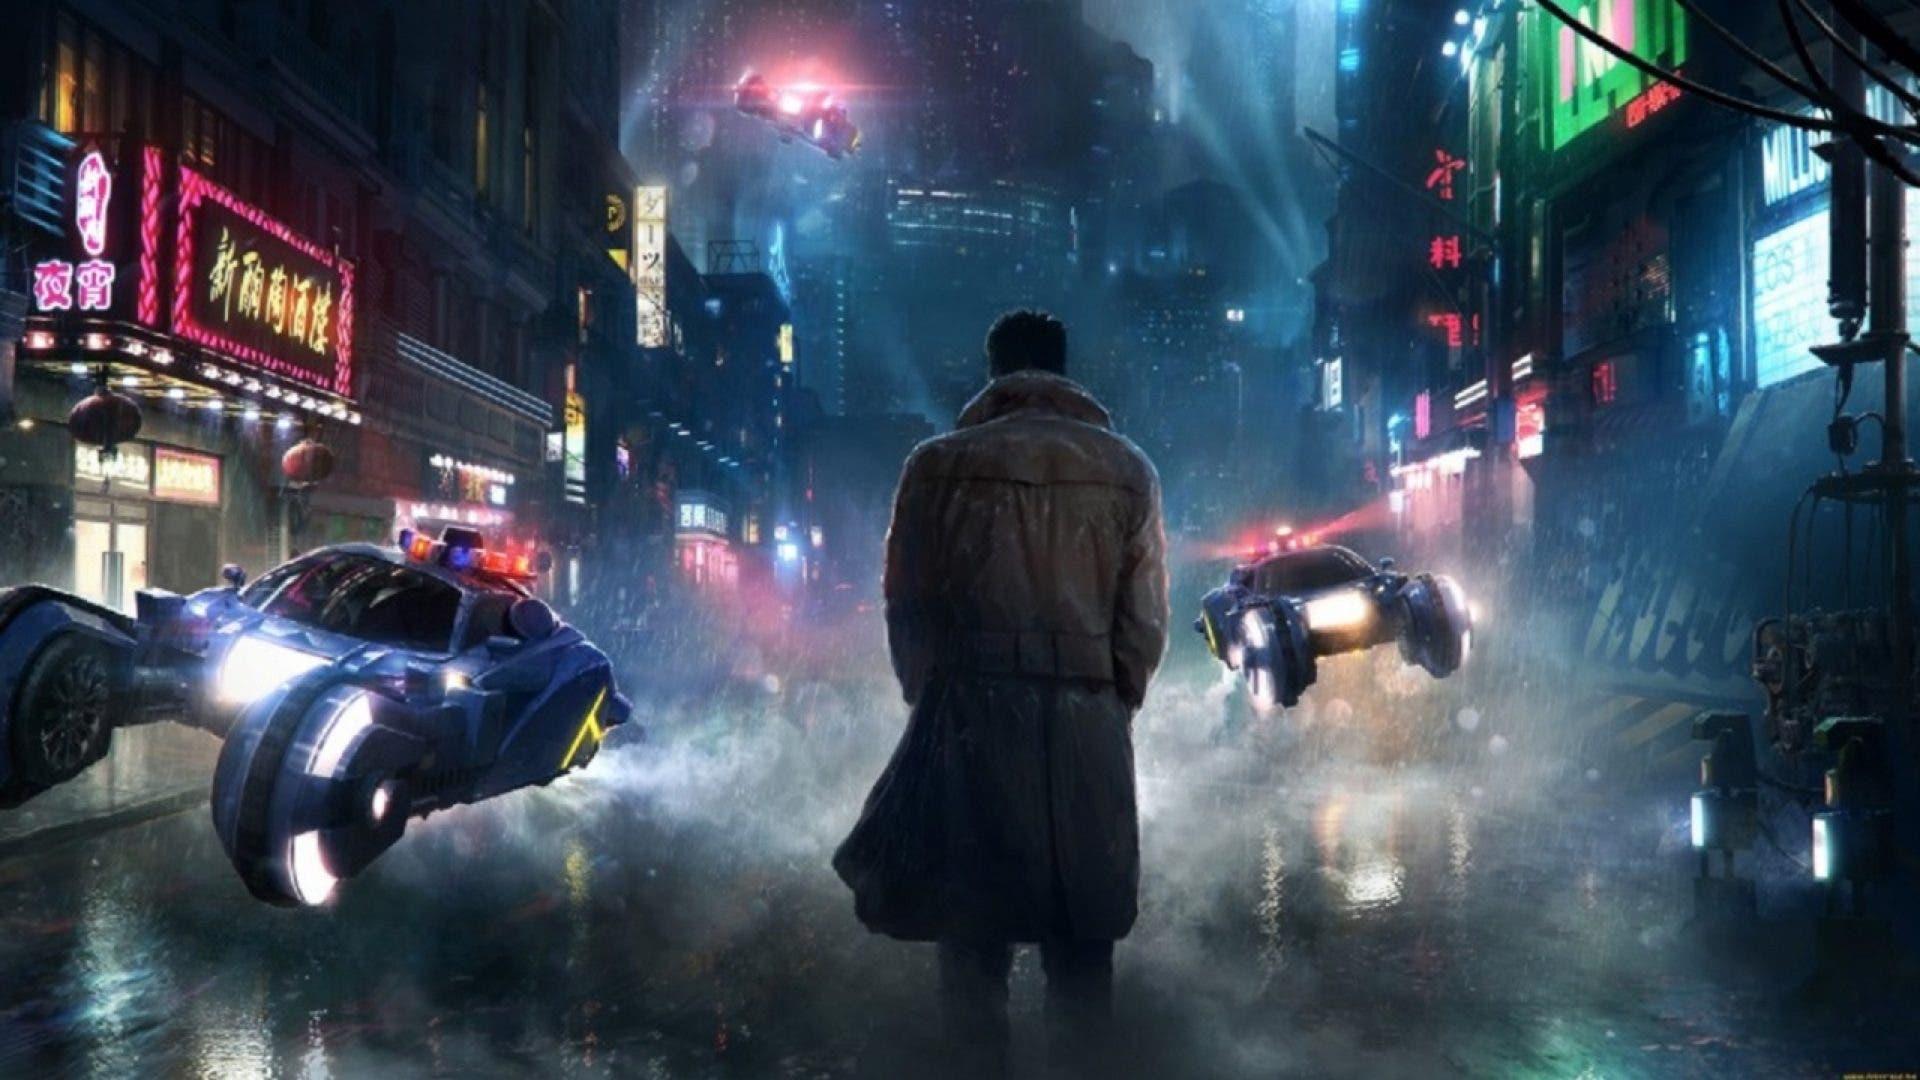 Imagen de El tráiler de Blade Runner 2049 llegará junto con Alien: Covenant